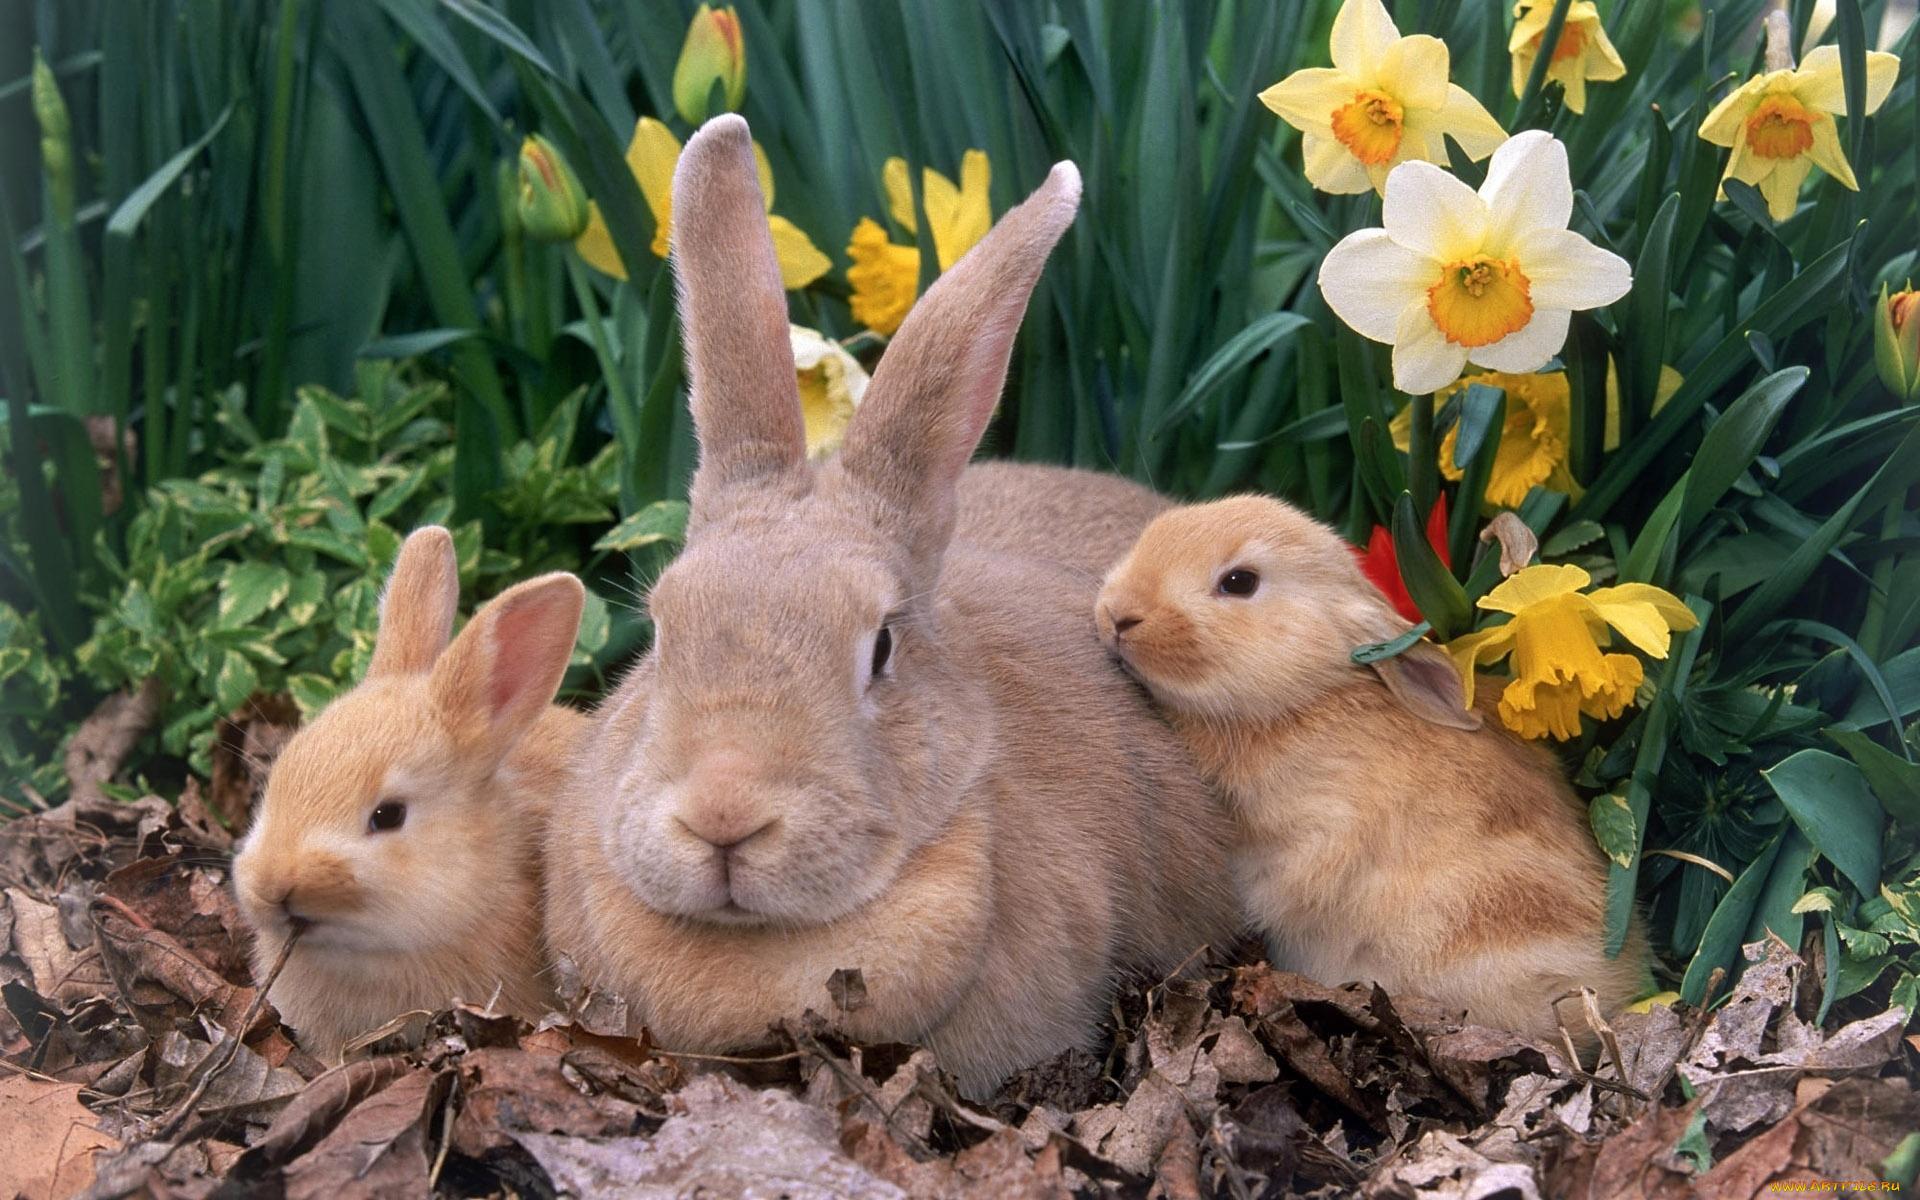 нужно фото с тремя зайцами шпиль левой